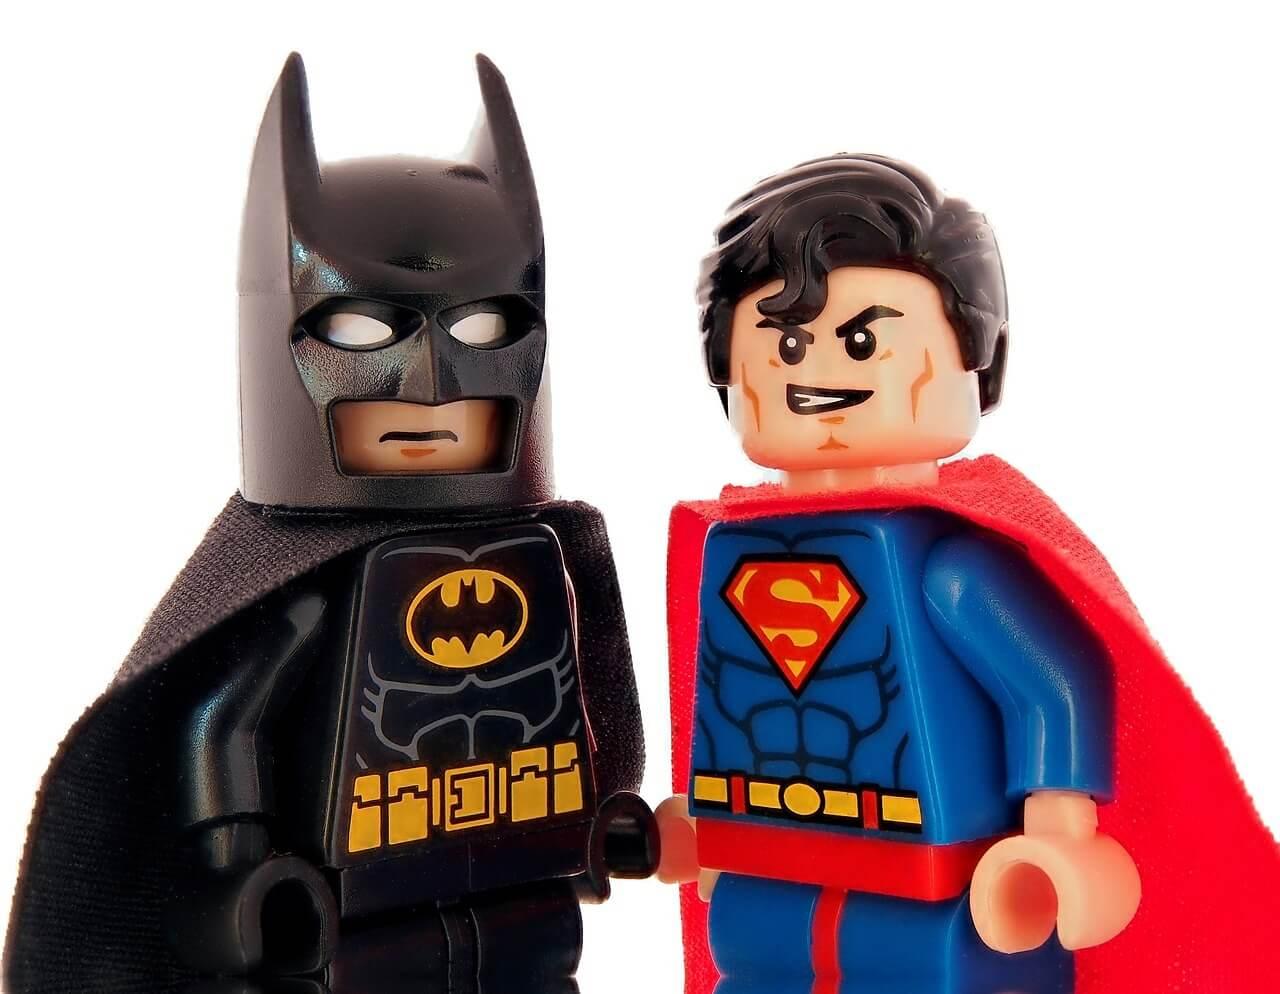 Der Lego Store gehört definitiv zu den coolsten Stores in New York